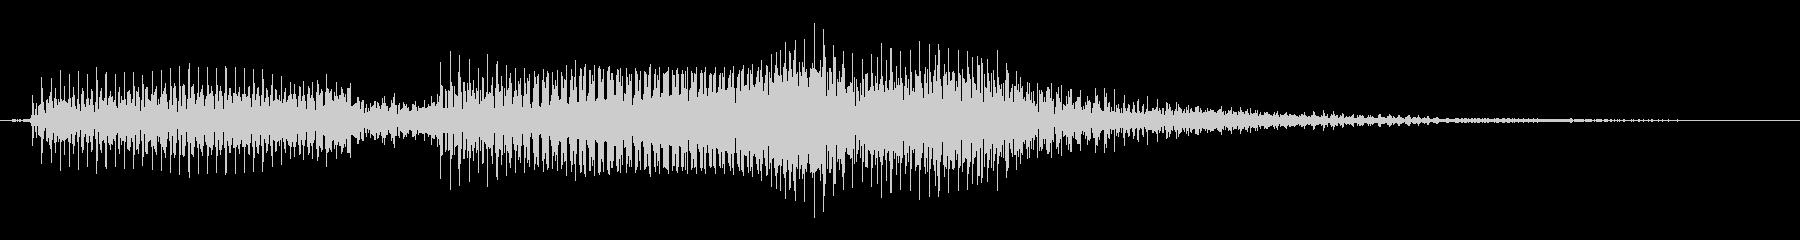 コメディホーン:ダブルブローの未再生の波形